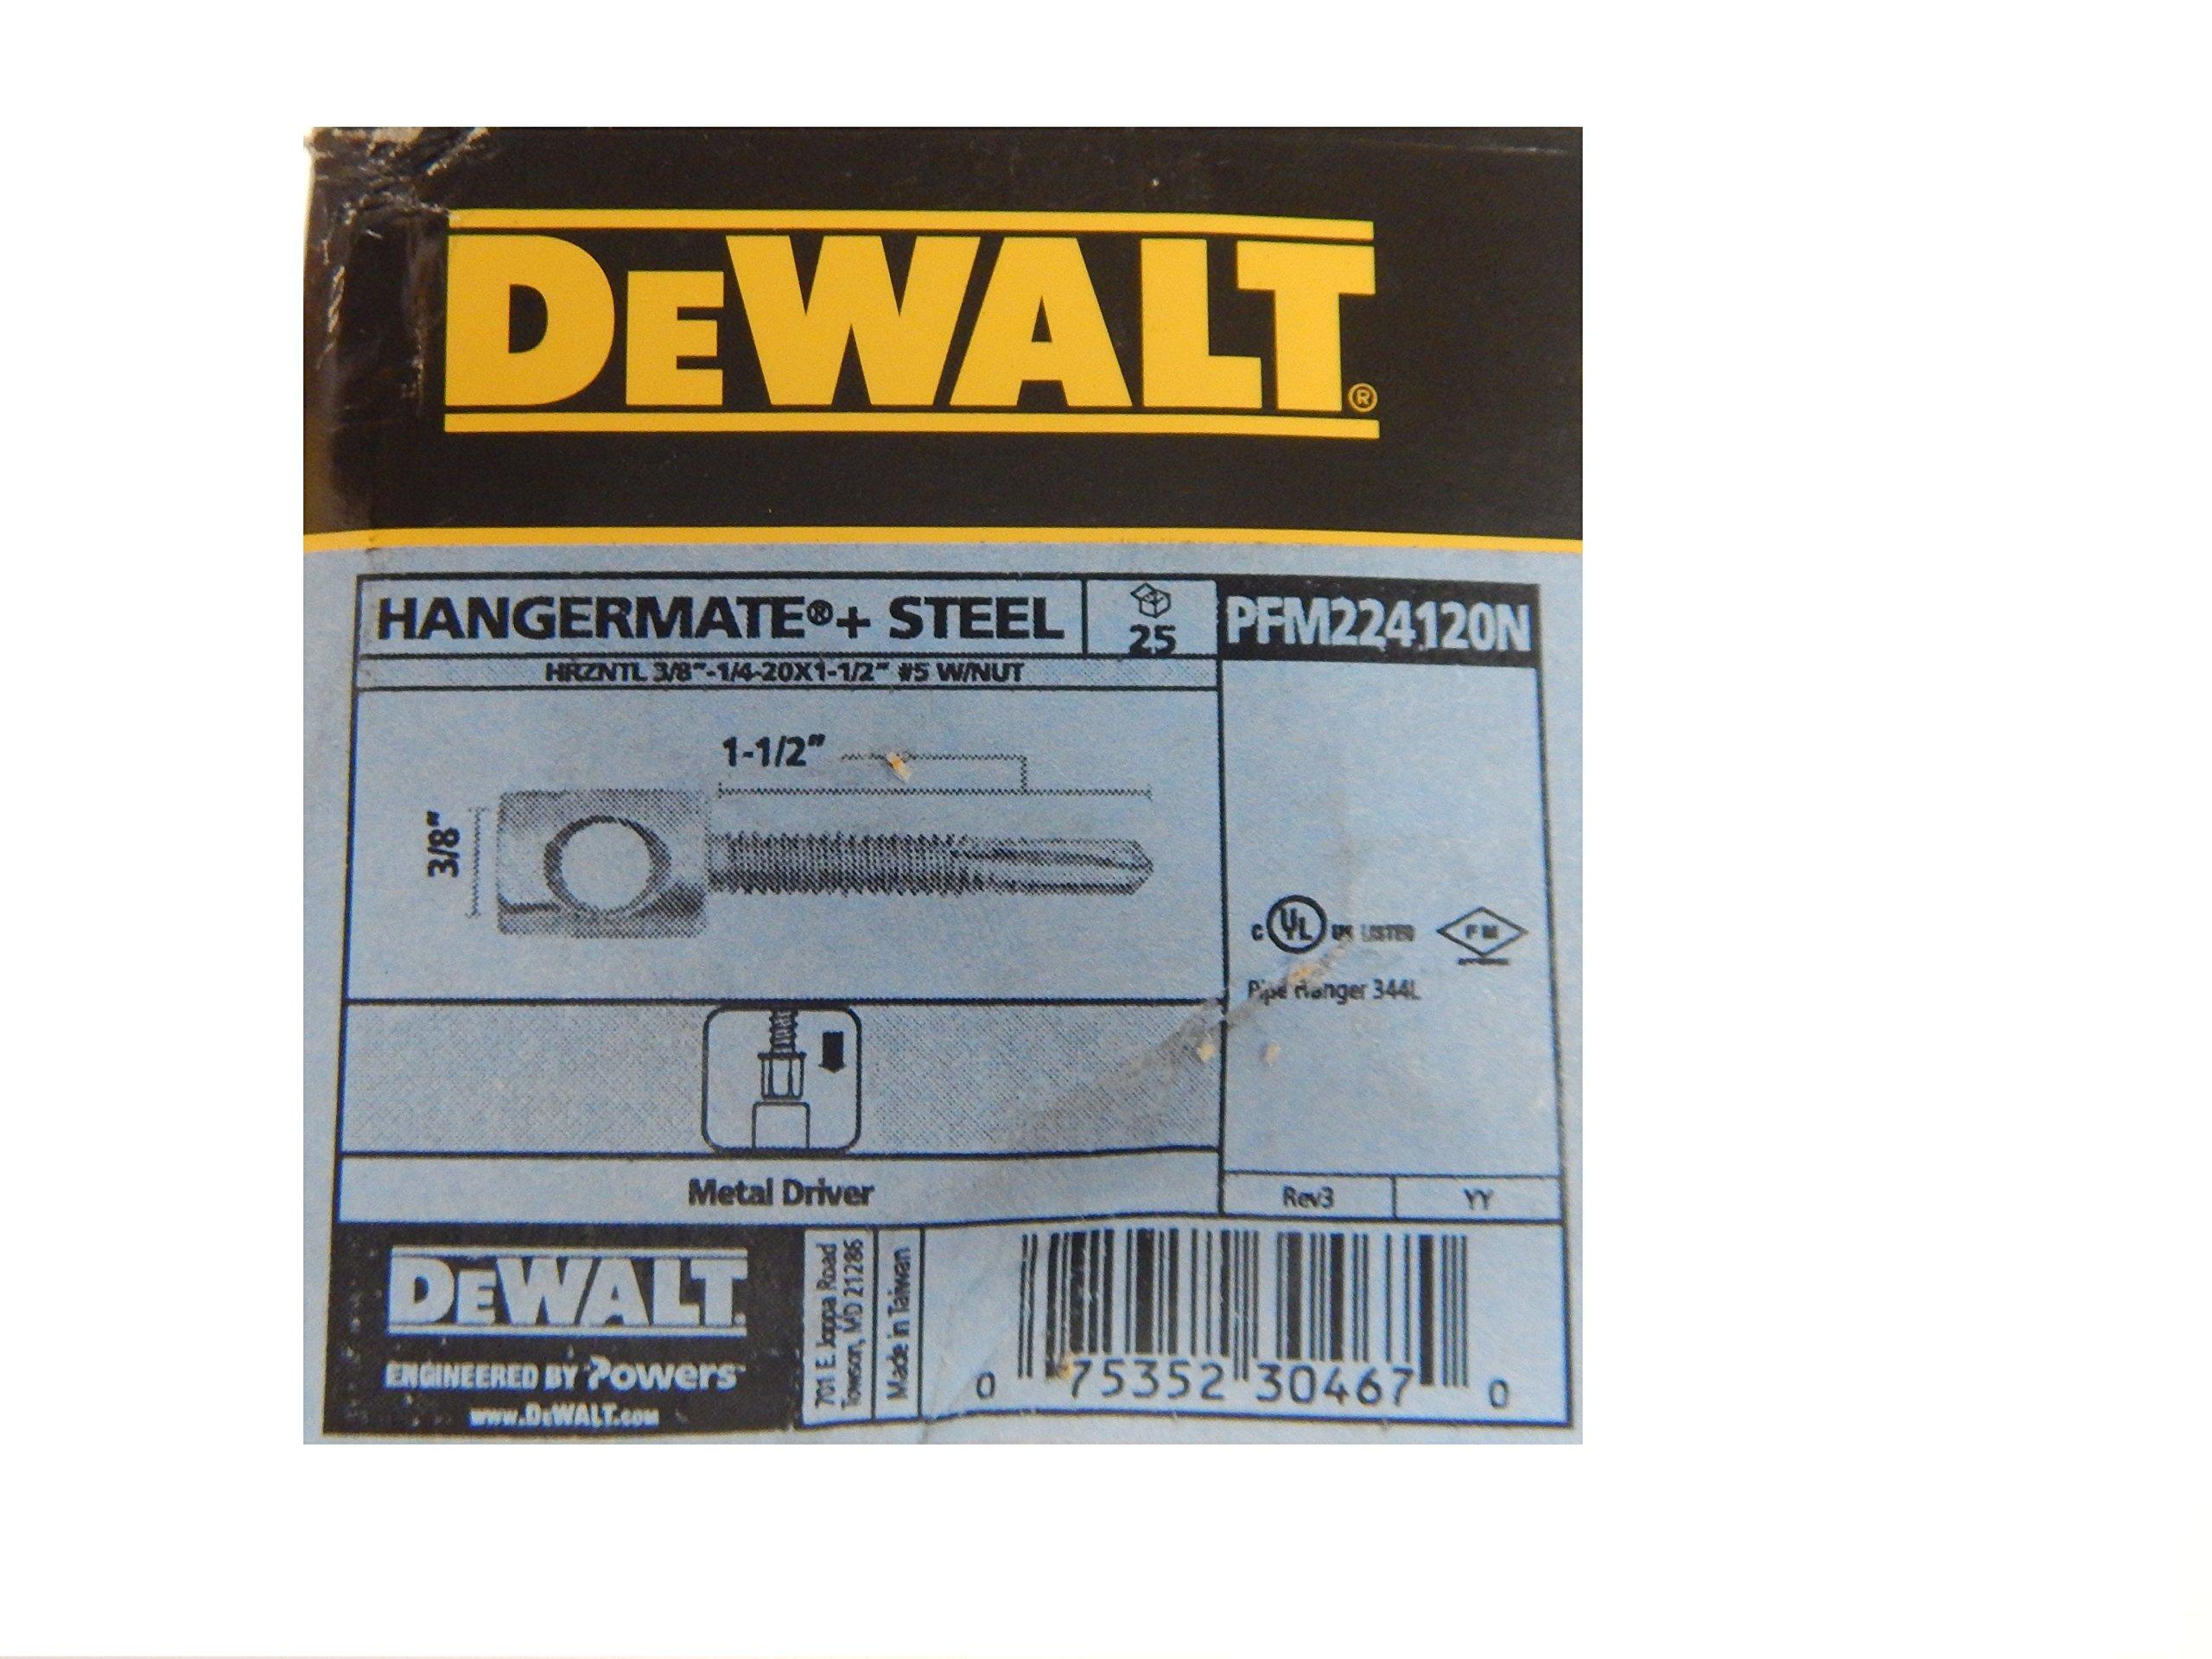 Dewalt Fasteners PFM224120N Hangermate+ Horizontal Steel Rod Hanging Anchor with Nut